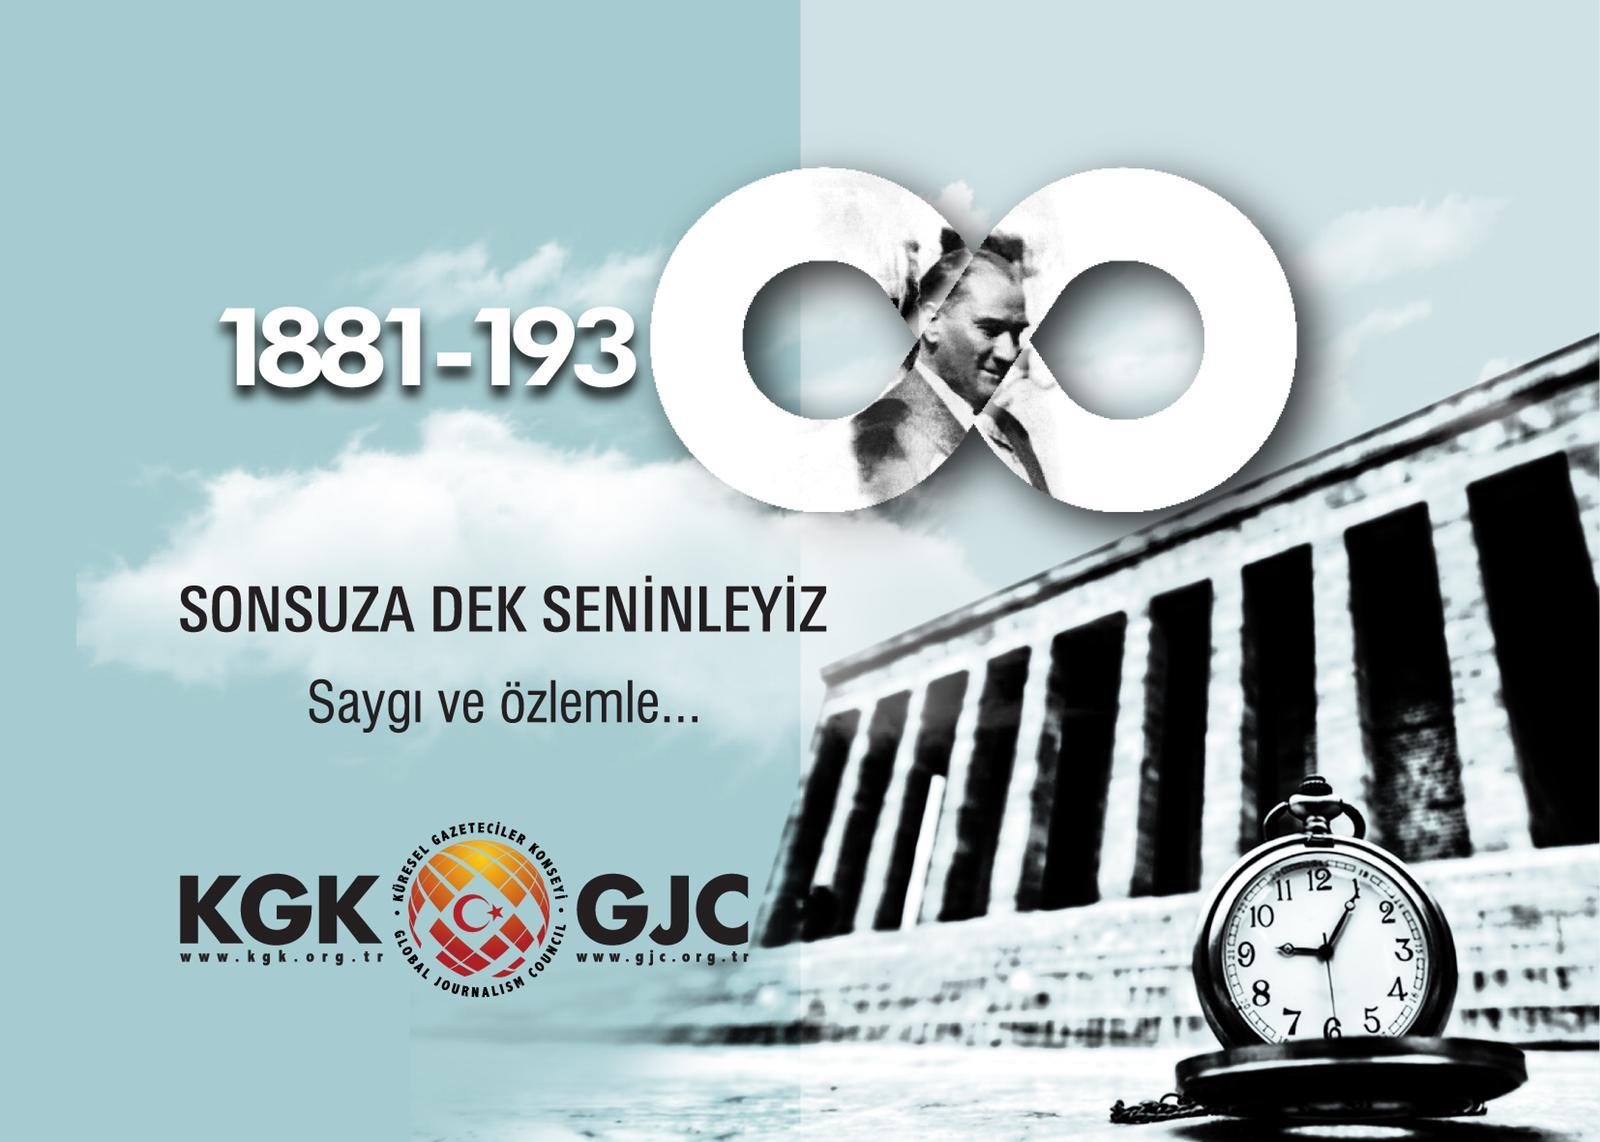 KGK: 'ATAM, Türk basını cumhuriyetin etrafında çelikten bir kaledir!'